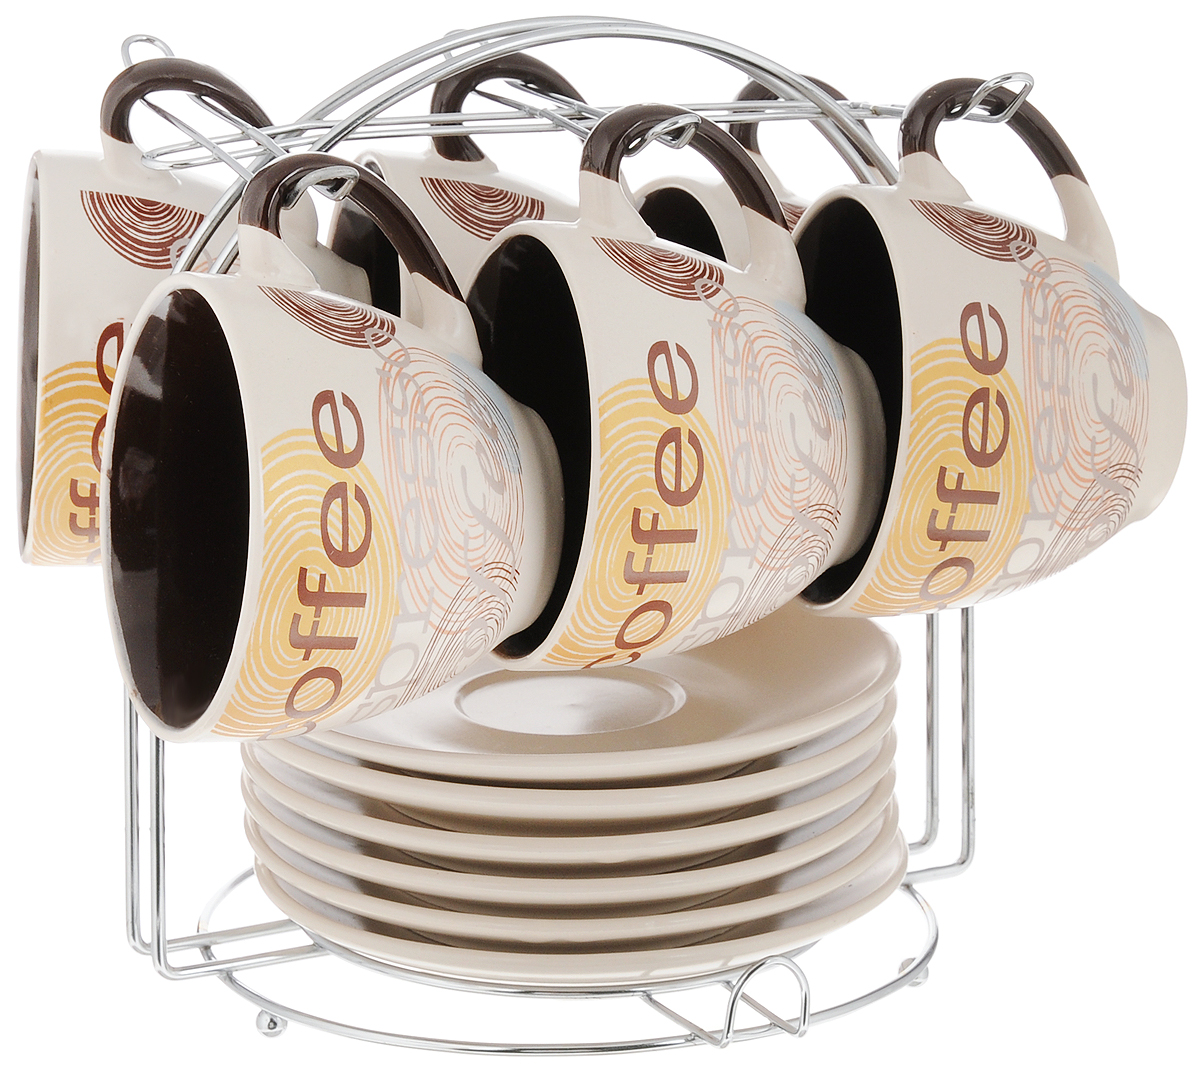 Фото - Набор кофейный Loraine, на подставке, 13 предметов. 23536 [супермаркет] jingdong геб scybe фил приблизительно круглая чашка установлена в вертикальном положении стеклянной чашки 290мла 6 z